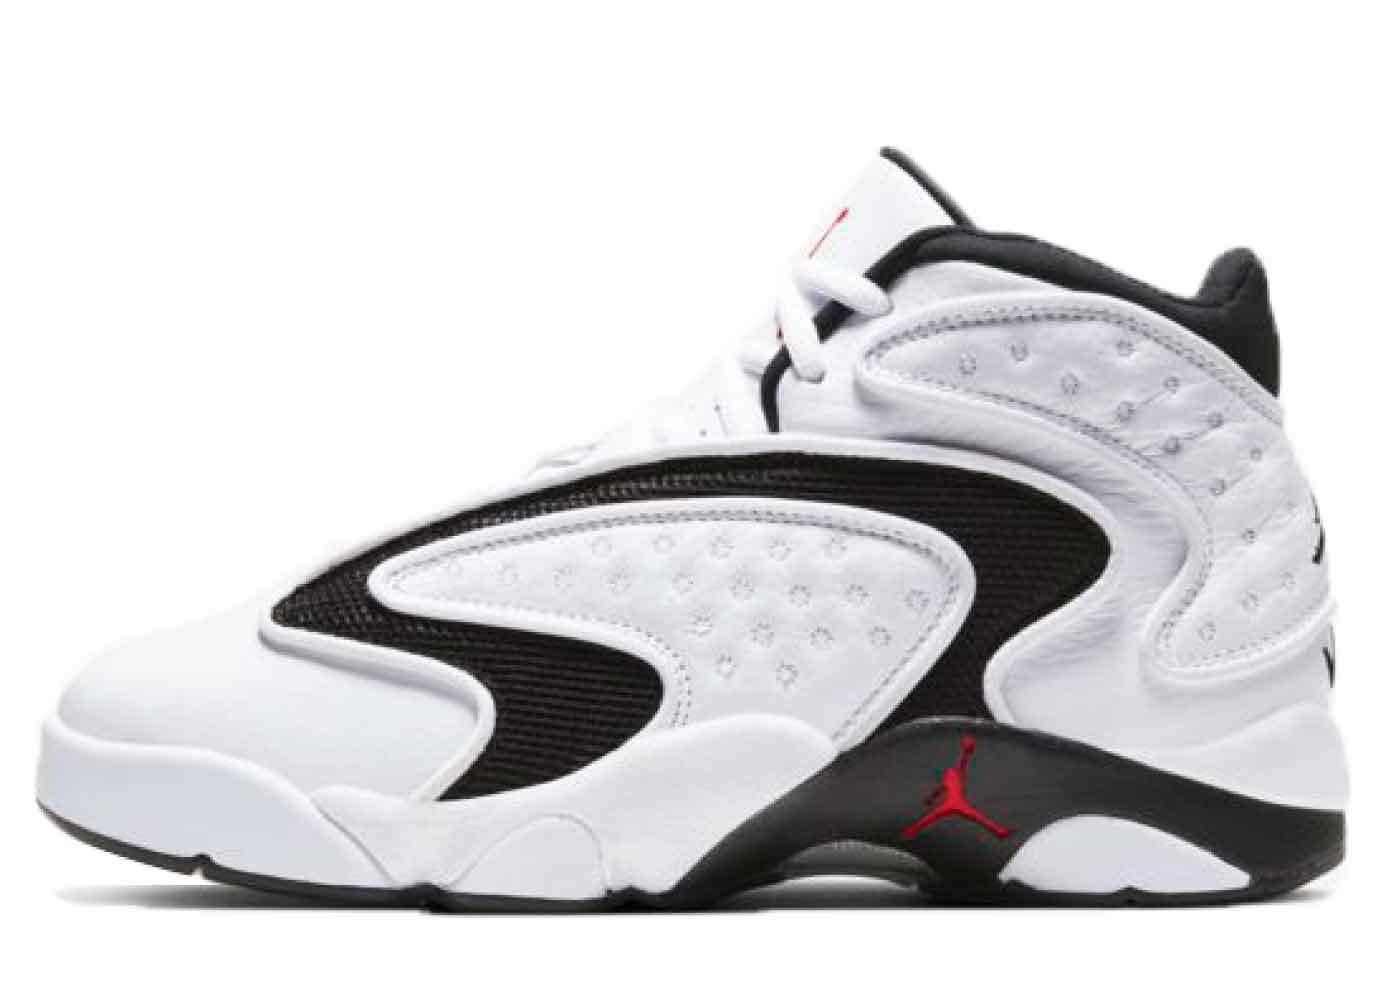 Nike Air Jordan OG OG White Black Womensの写真